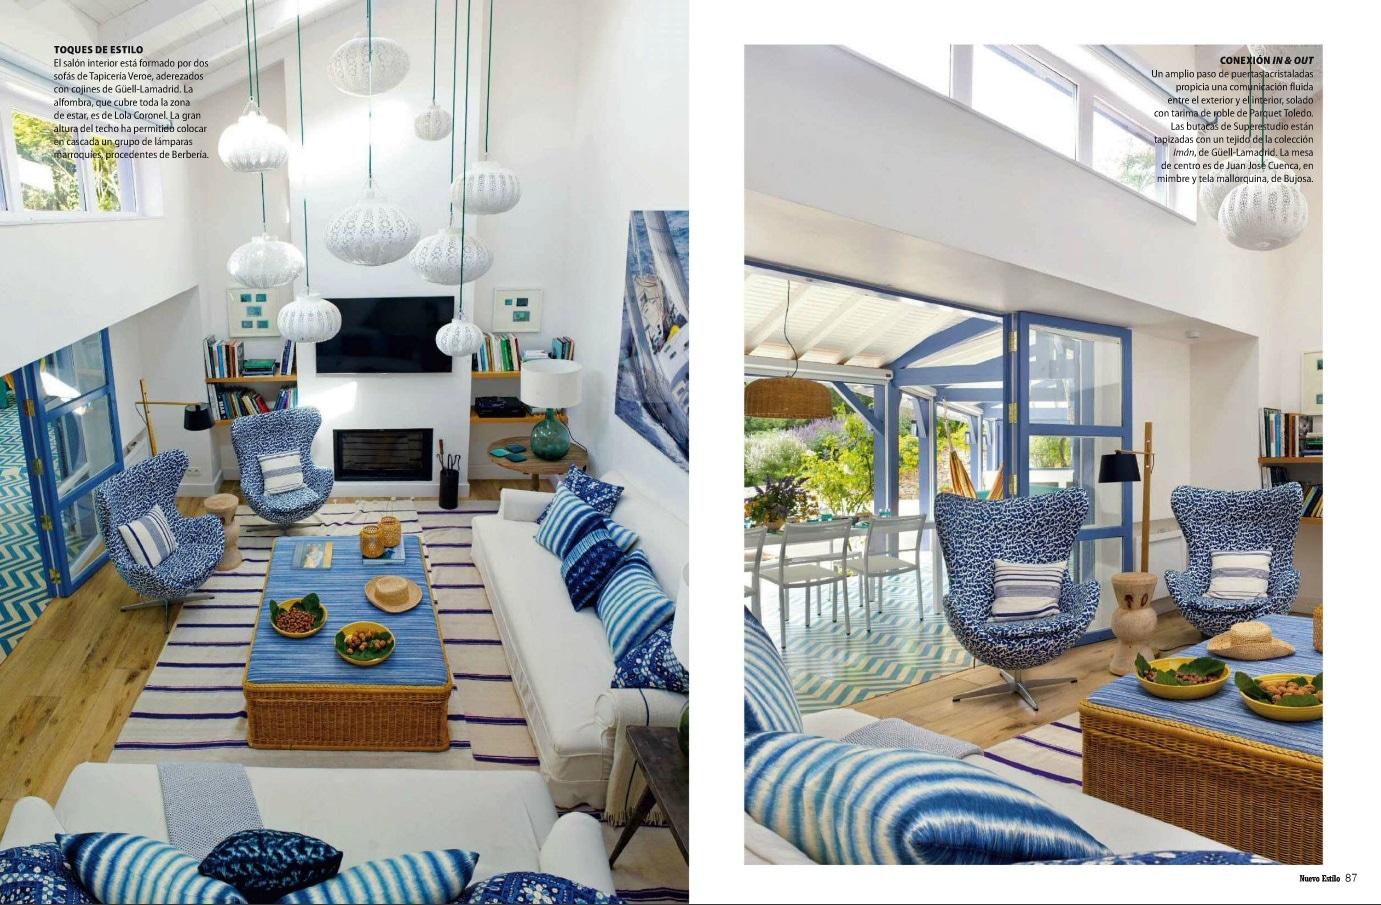 nuevo-estilo-julio-2015-melian-randolph-5-interior-casa